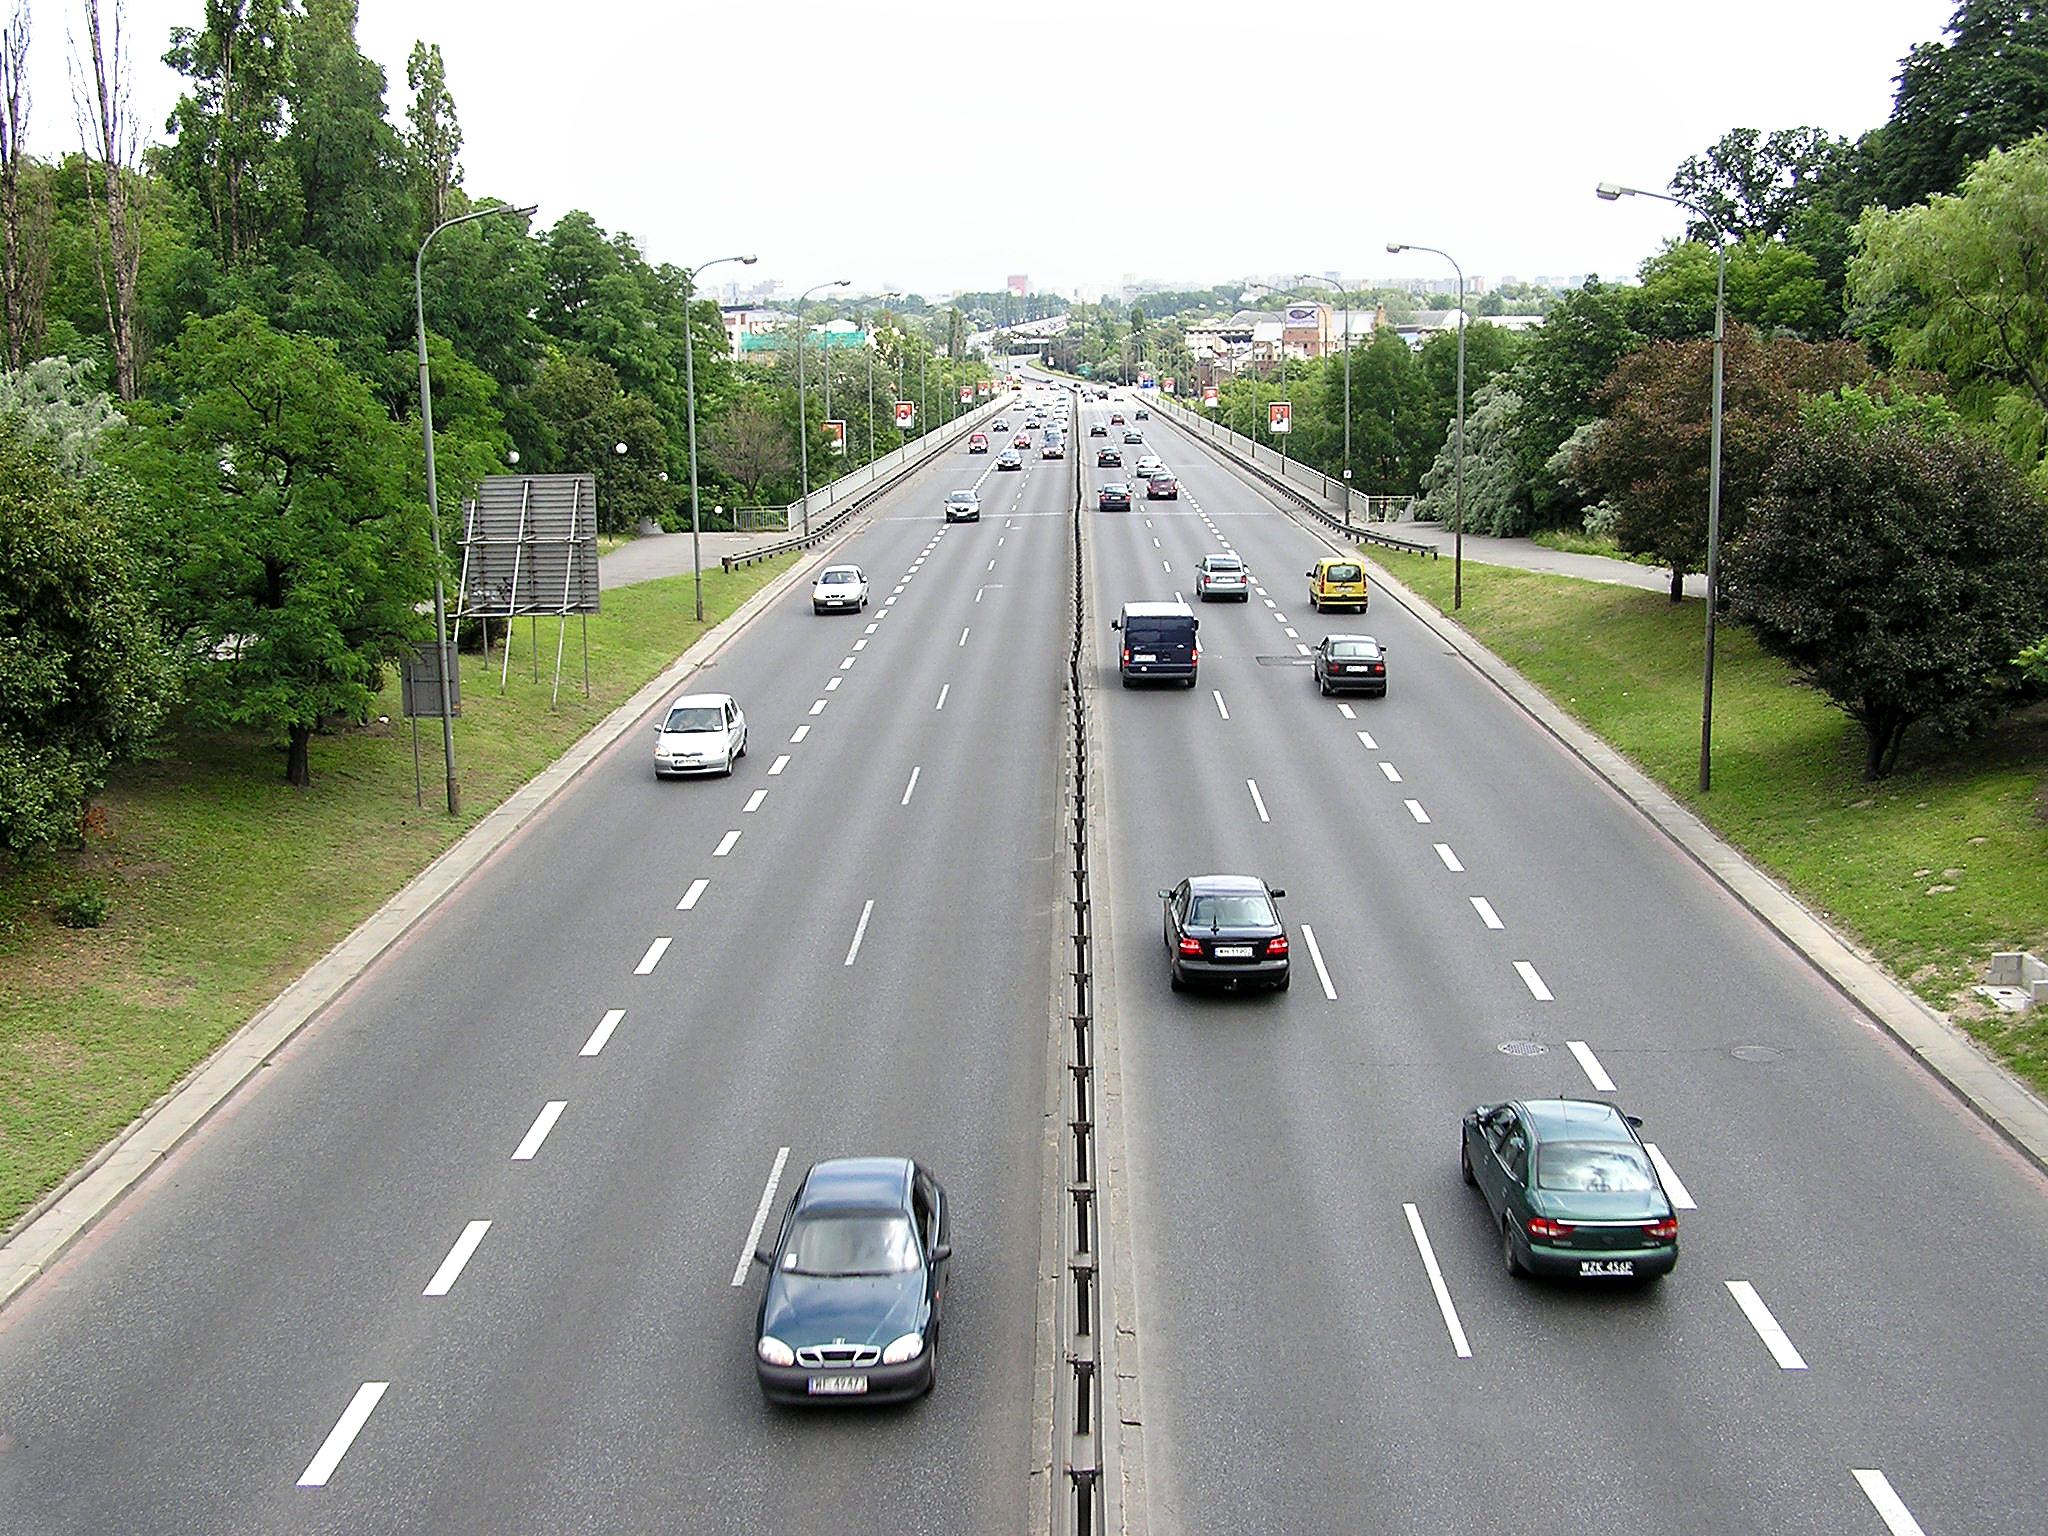 LAVORO. Infortuni in itinere: niente indennizzo se l'auto non è indispensabile